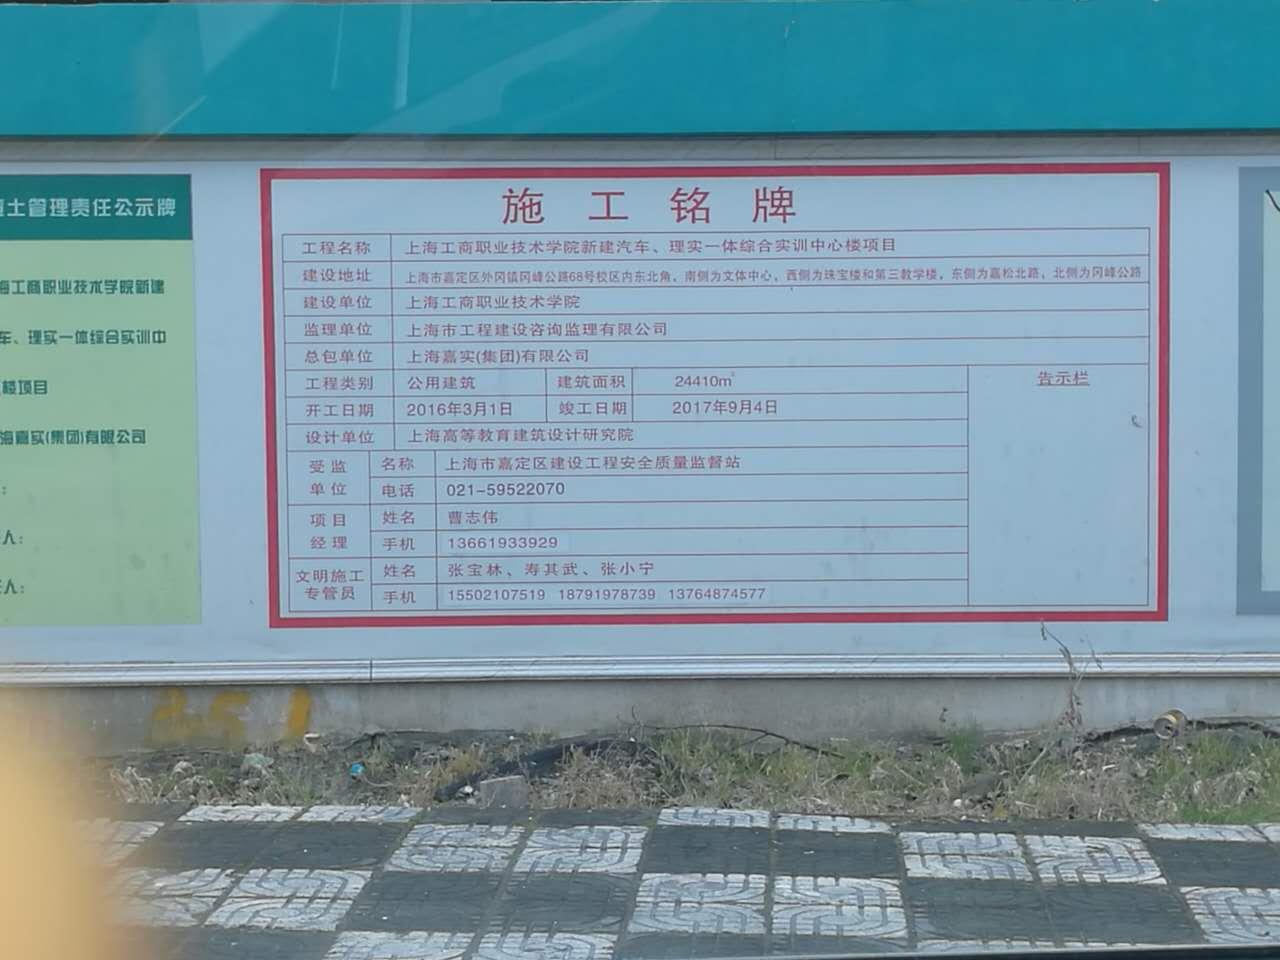 上海工商职业技术学院新建汽车理实一体综合实训中心楼项目